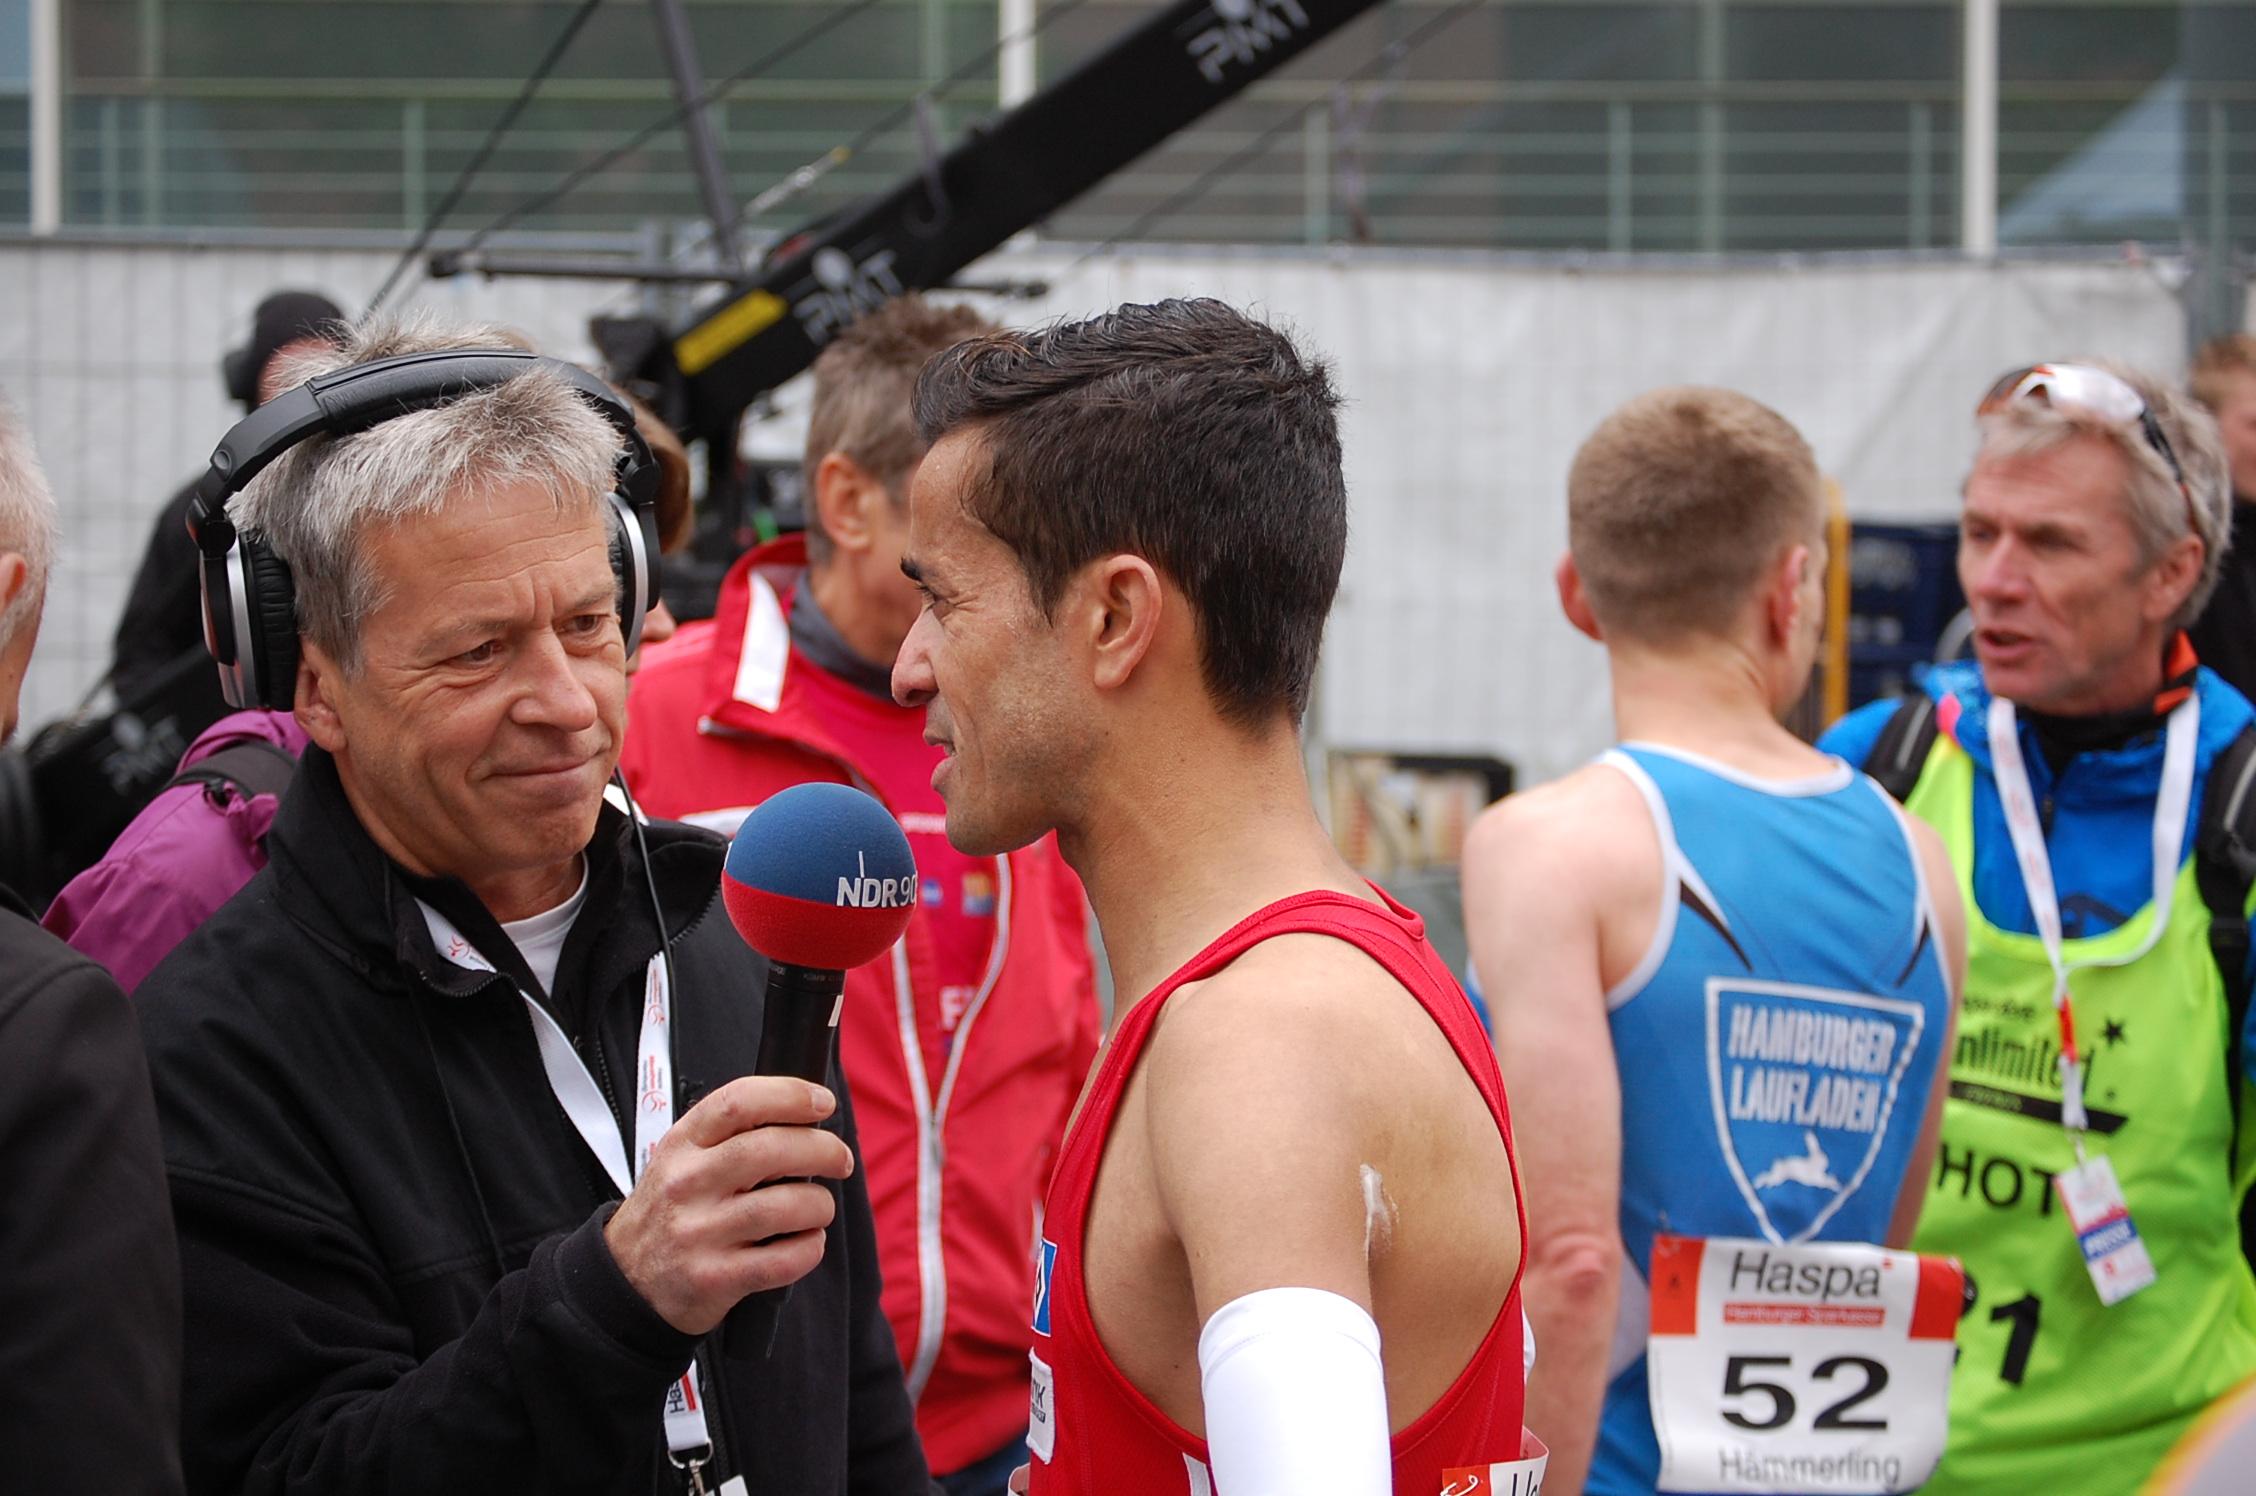 29. Haspa Marathon Hamburg: Hamburger Meisterschaftssprint - Jan-Oliver Hämmerling (blau) versucht Mourad Bekakcha (rot) auf der Ziellinie noch einzuholen